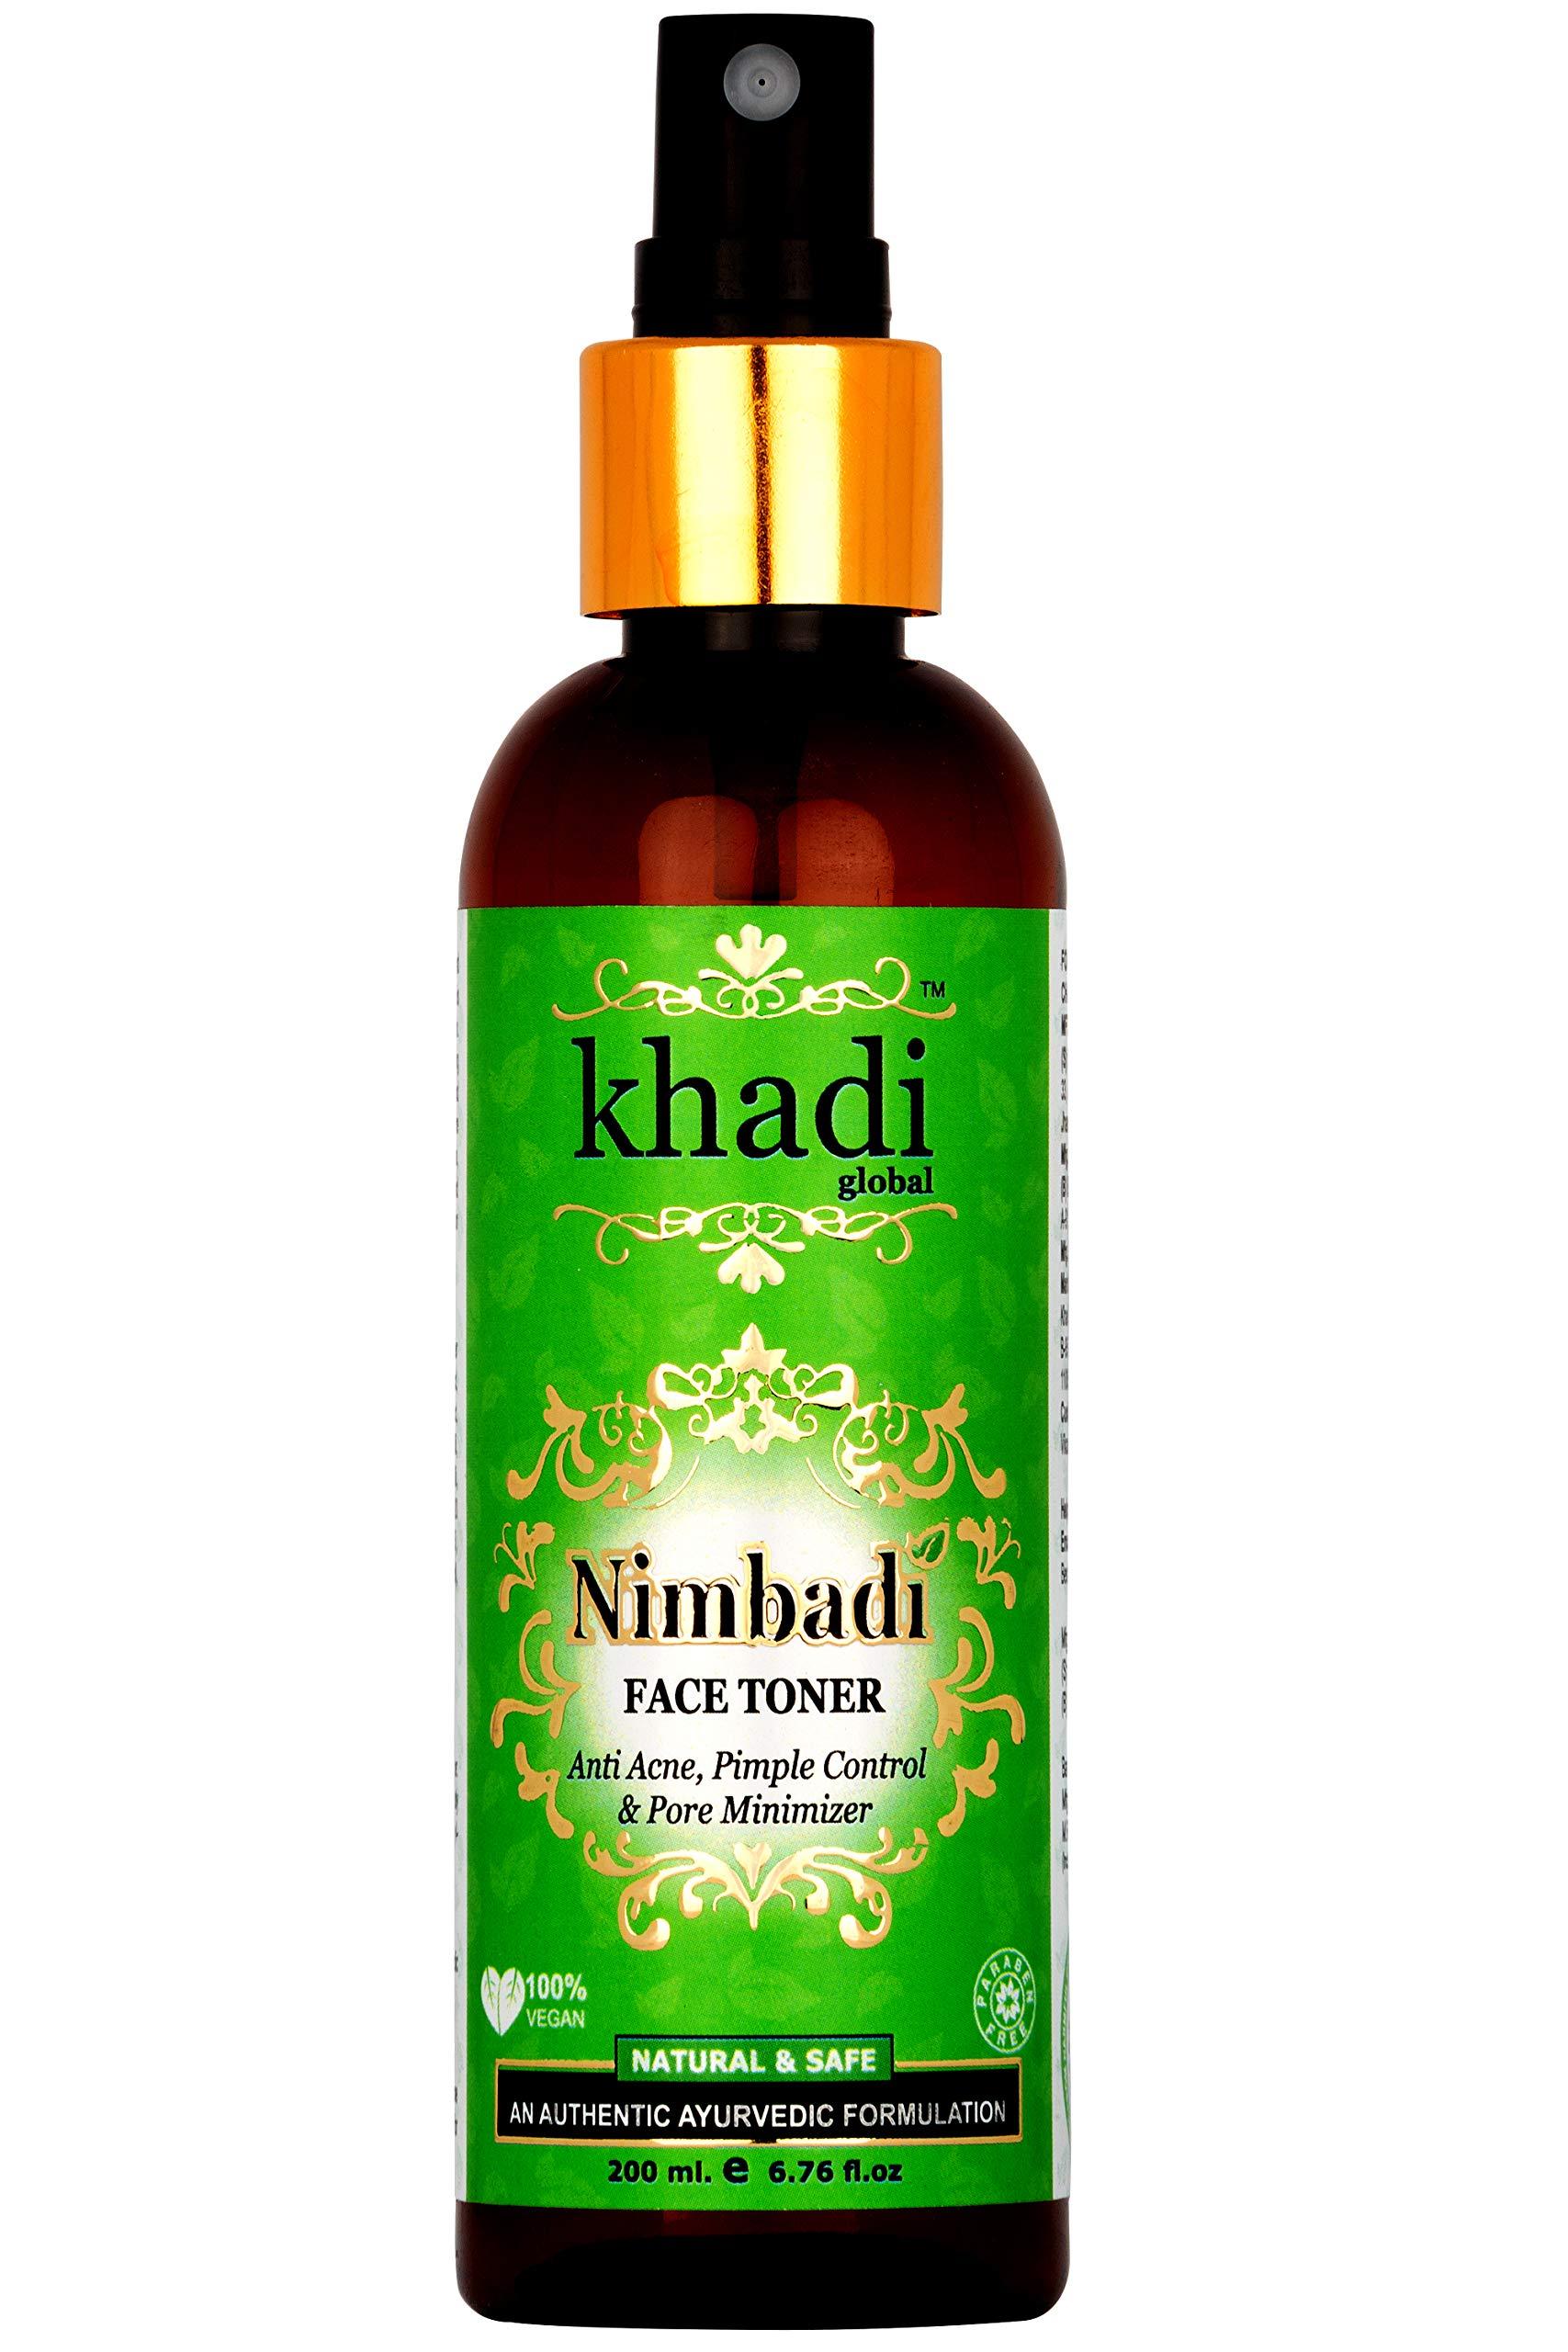 Khadi Global Nimbadi Anti Acne Pimple Control and Pore Minimizer Face Toner with 5 Type of Tulsi, Neem, Witch Hazel product image